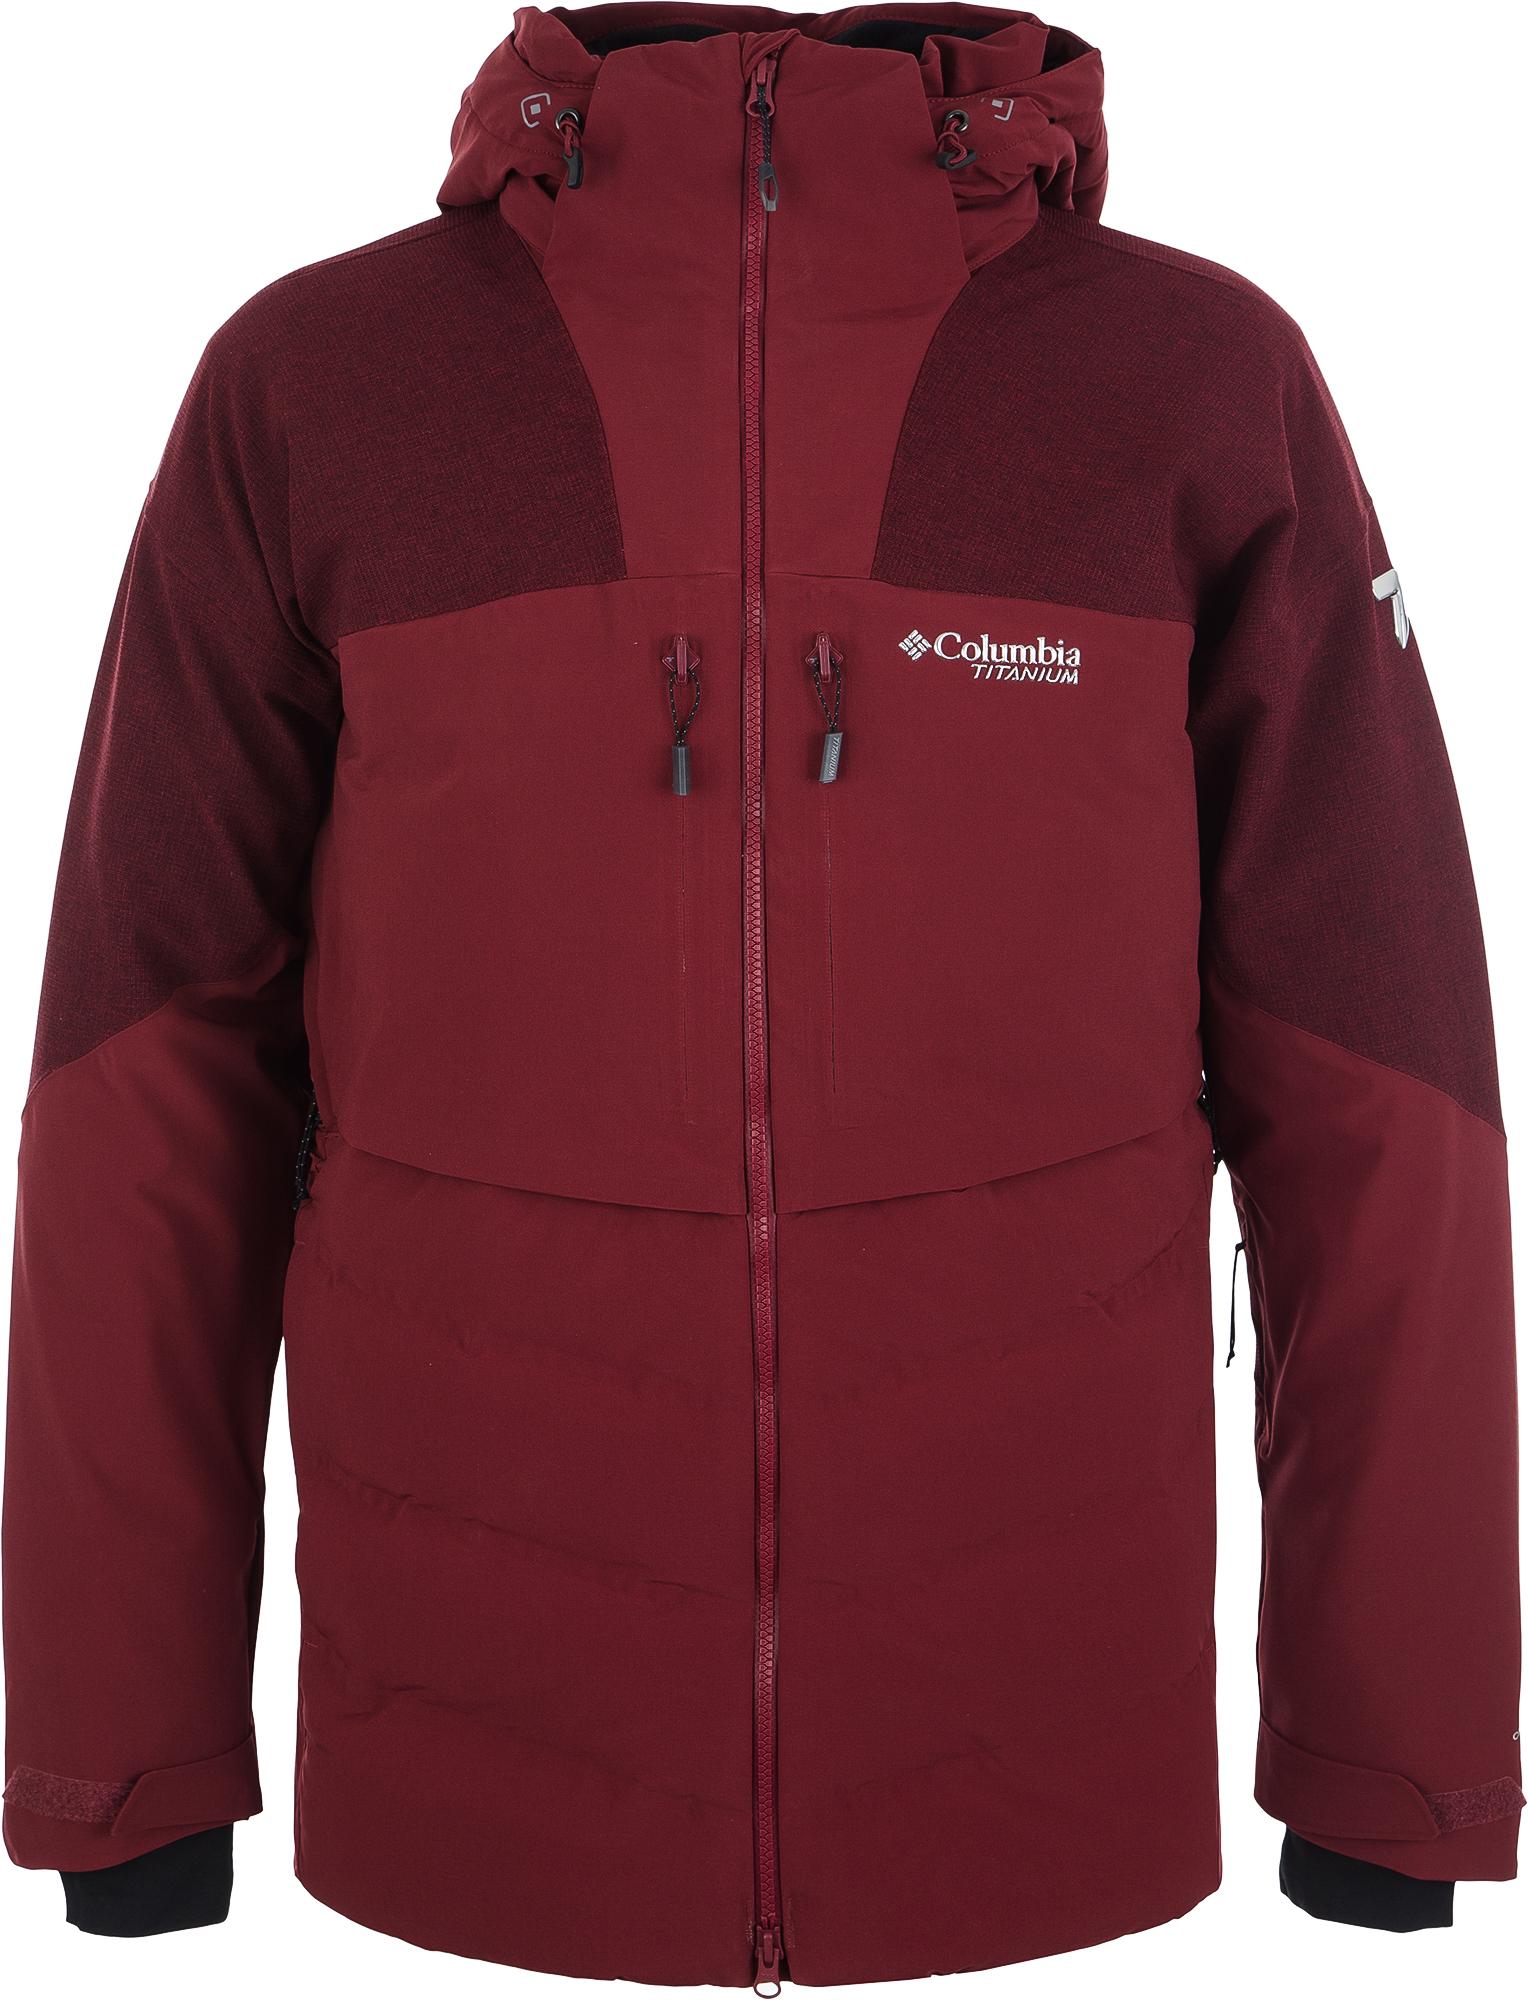 Columbia Куртка пуховая мужская Powder Keg II, размер 54